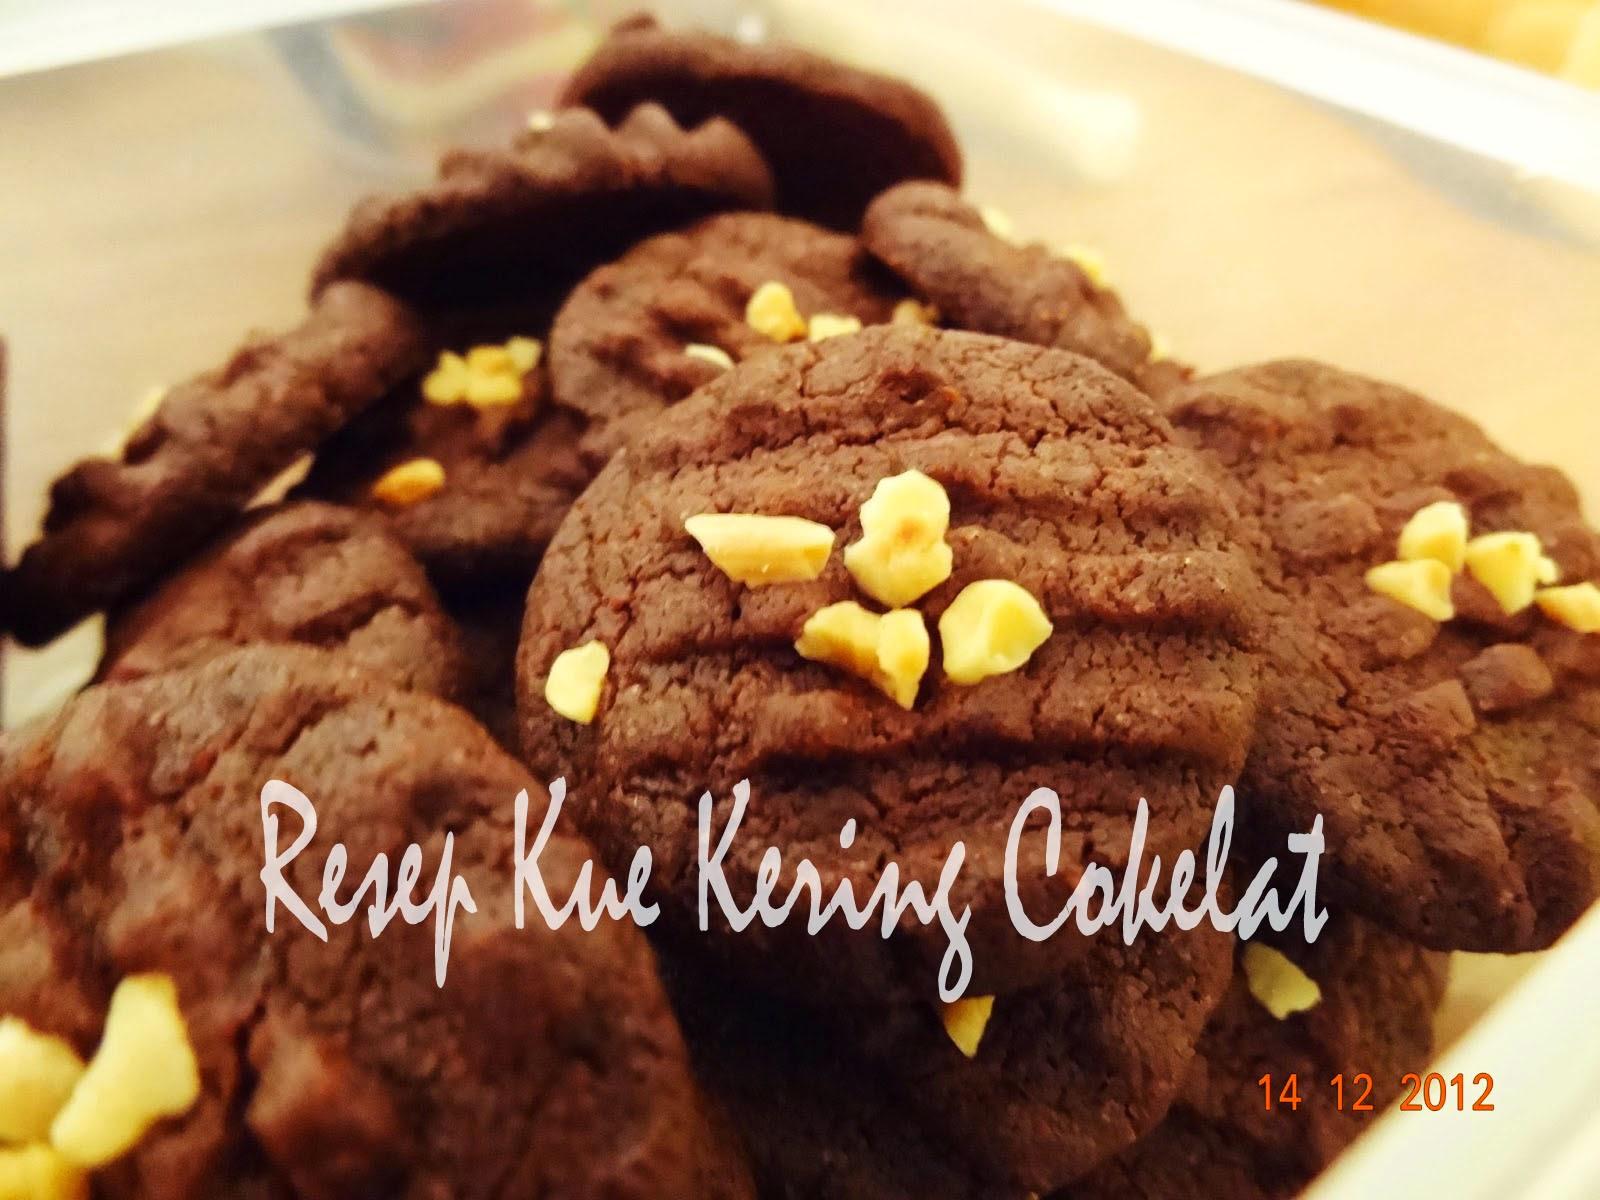 Resep Kue Kering Cokelat Kacang Spesial | Resep Kue Praktis